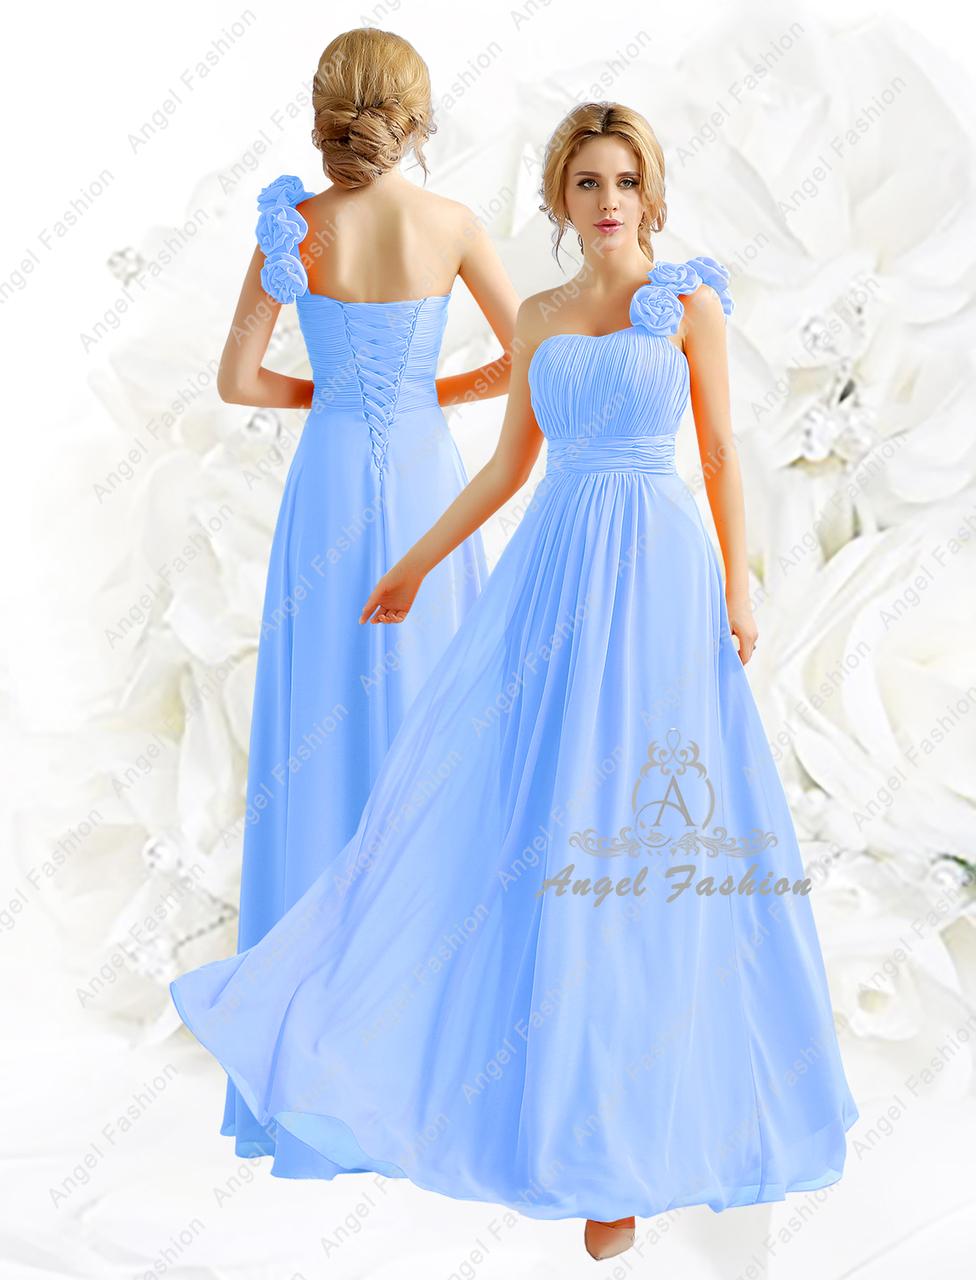 Elegant One Shoulder Flower Bridesmaid Dress